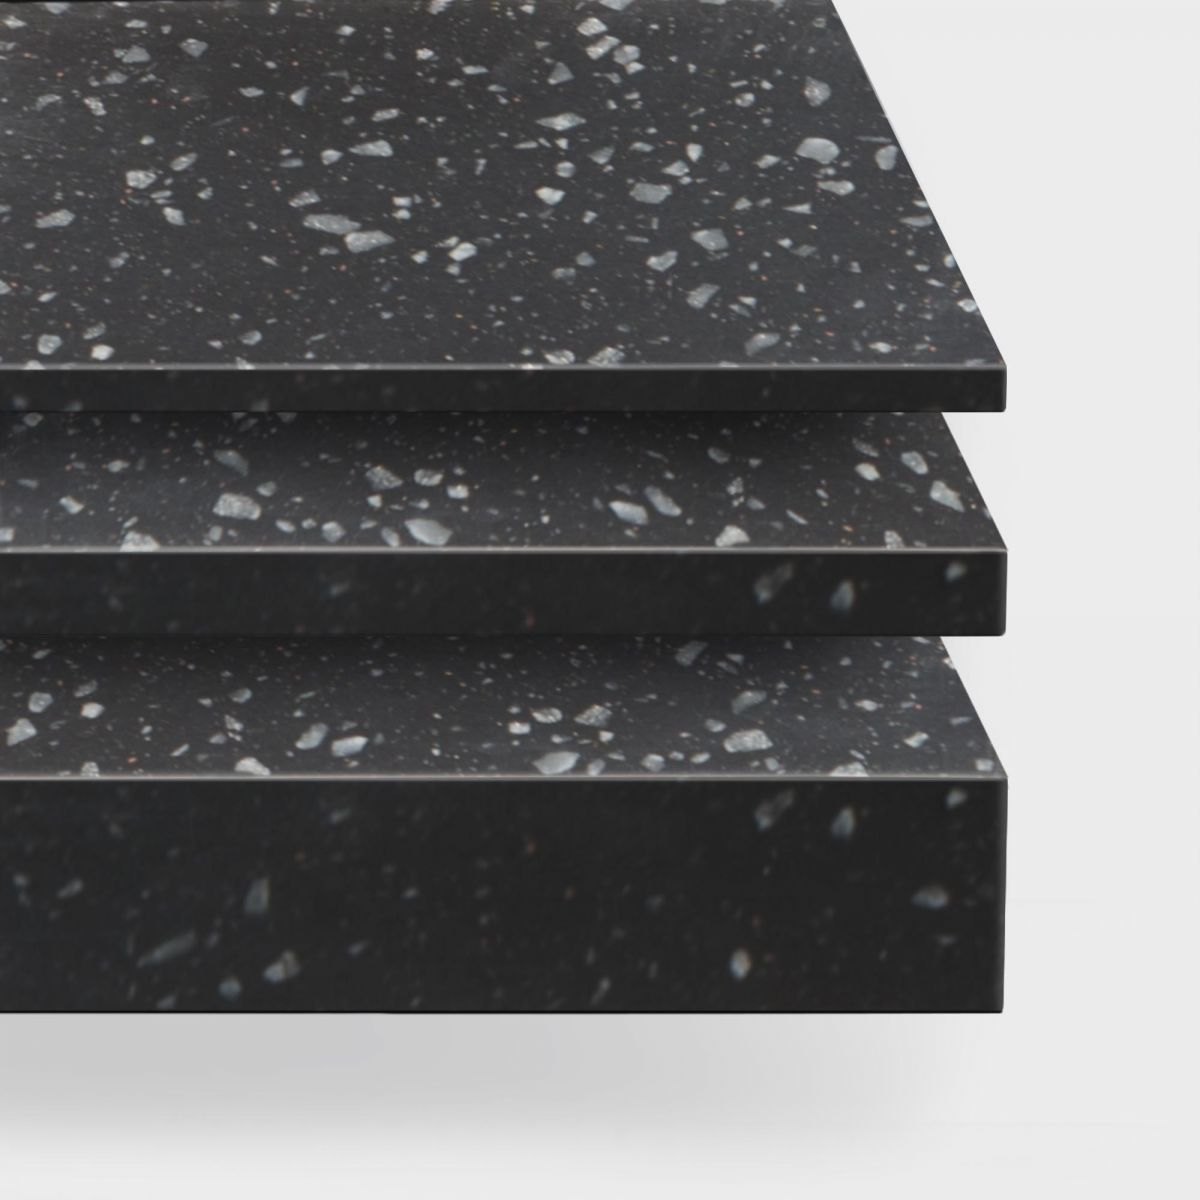 Black Granite Kordura Tops